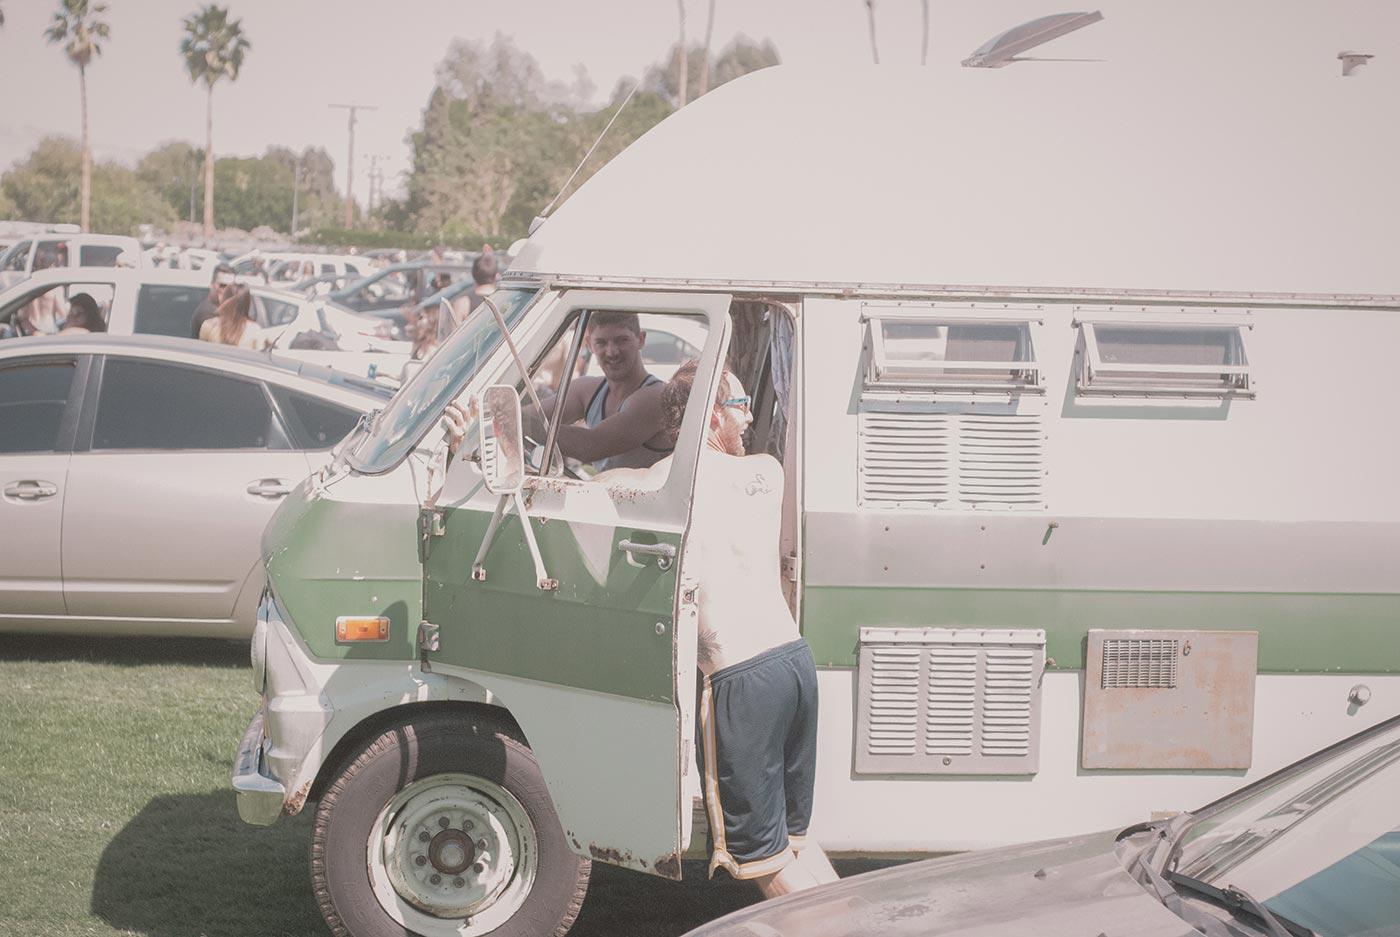 Coachella2015-5.jpg